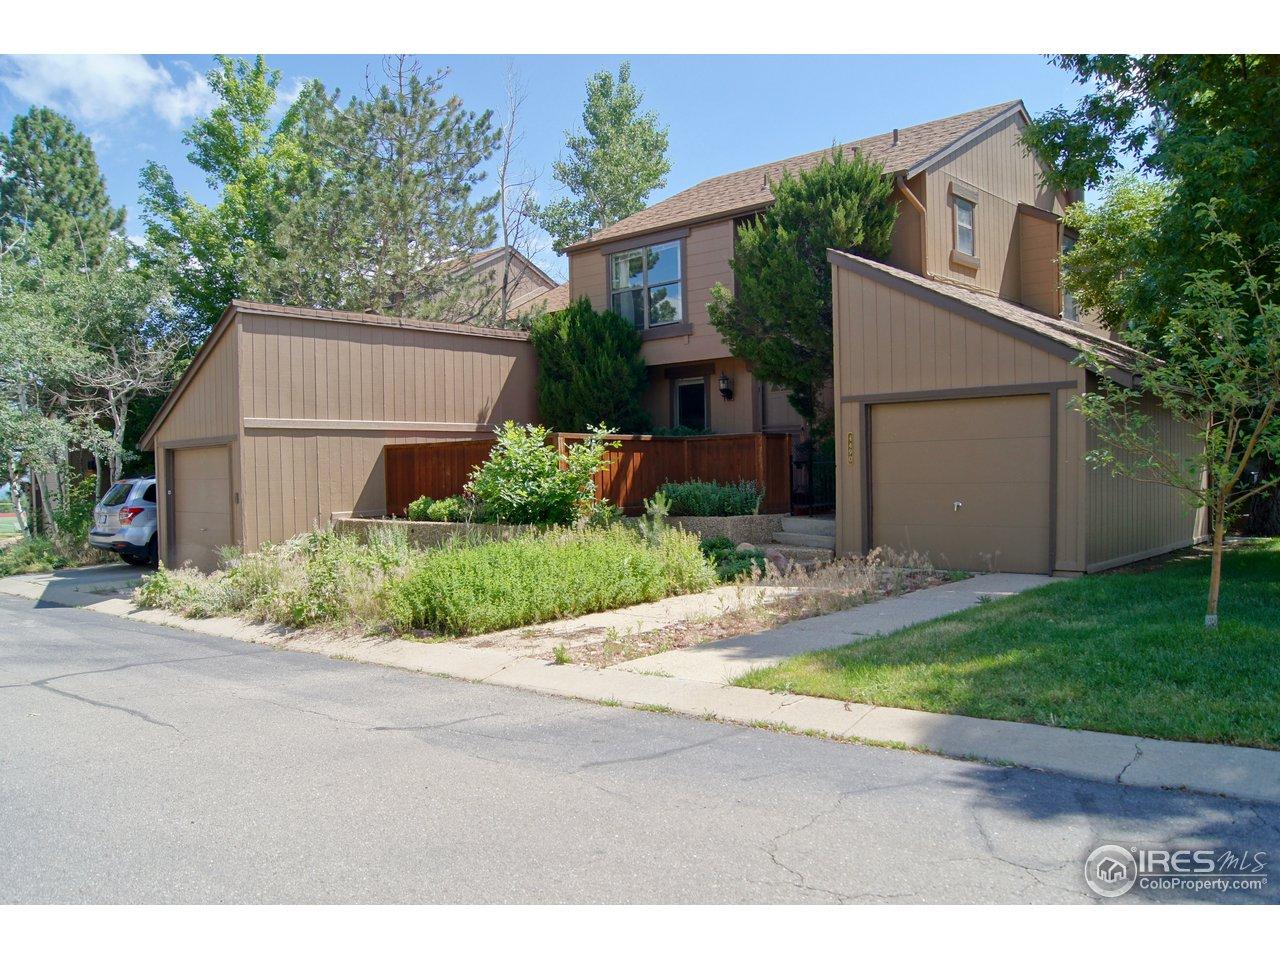 4490 Greenbriar Blvd, Boulder CO 80305